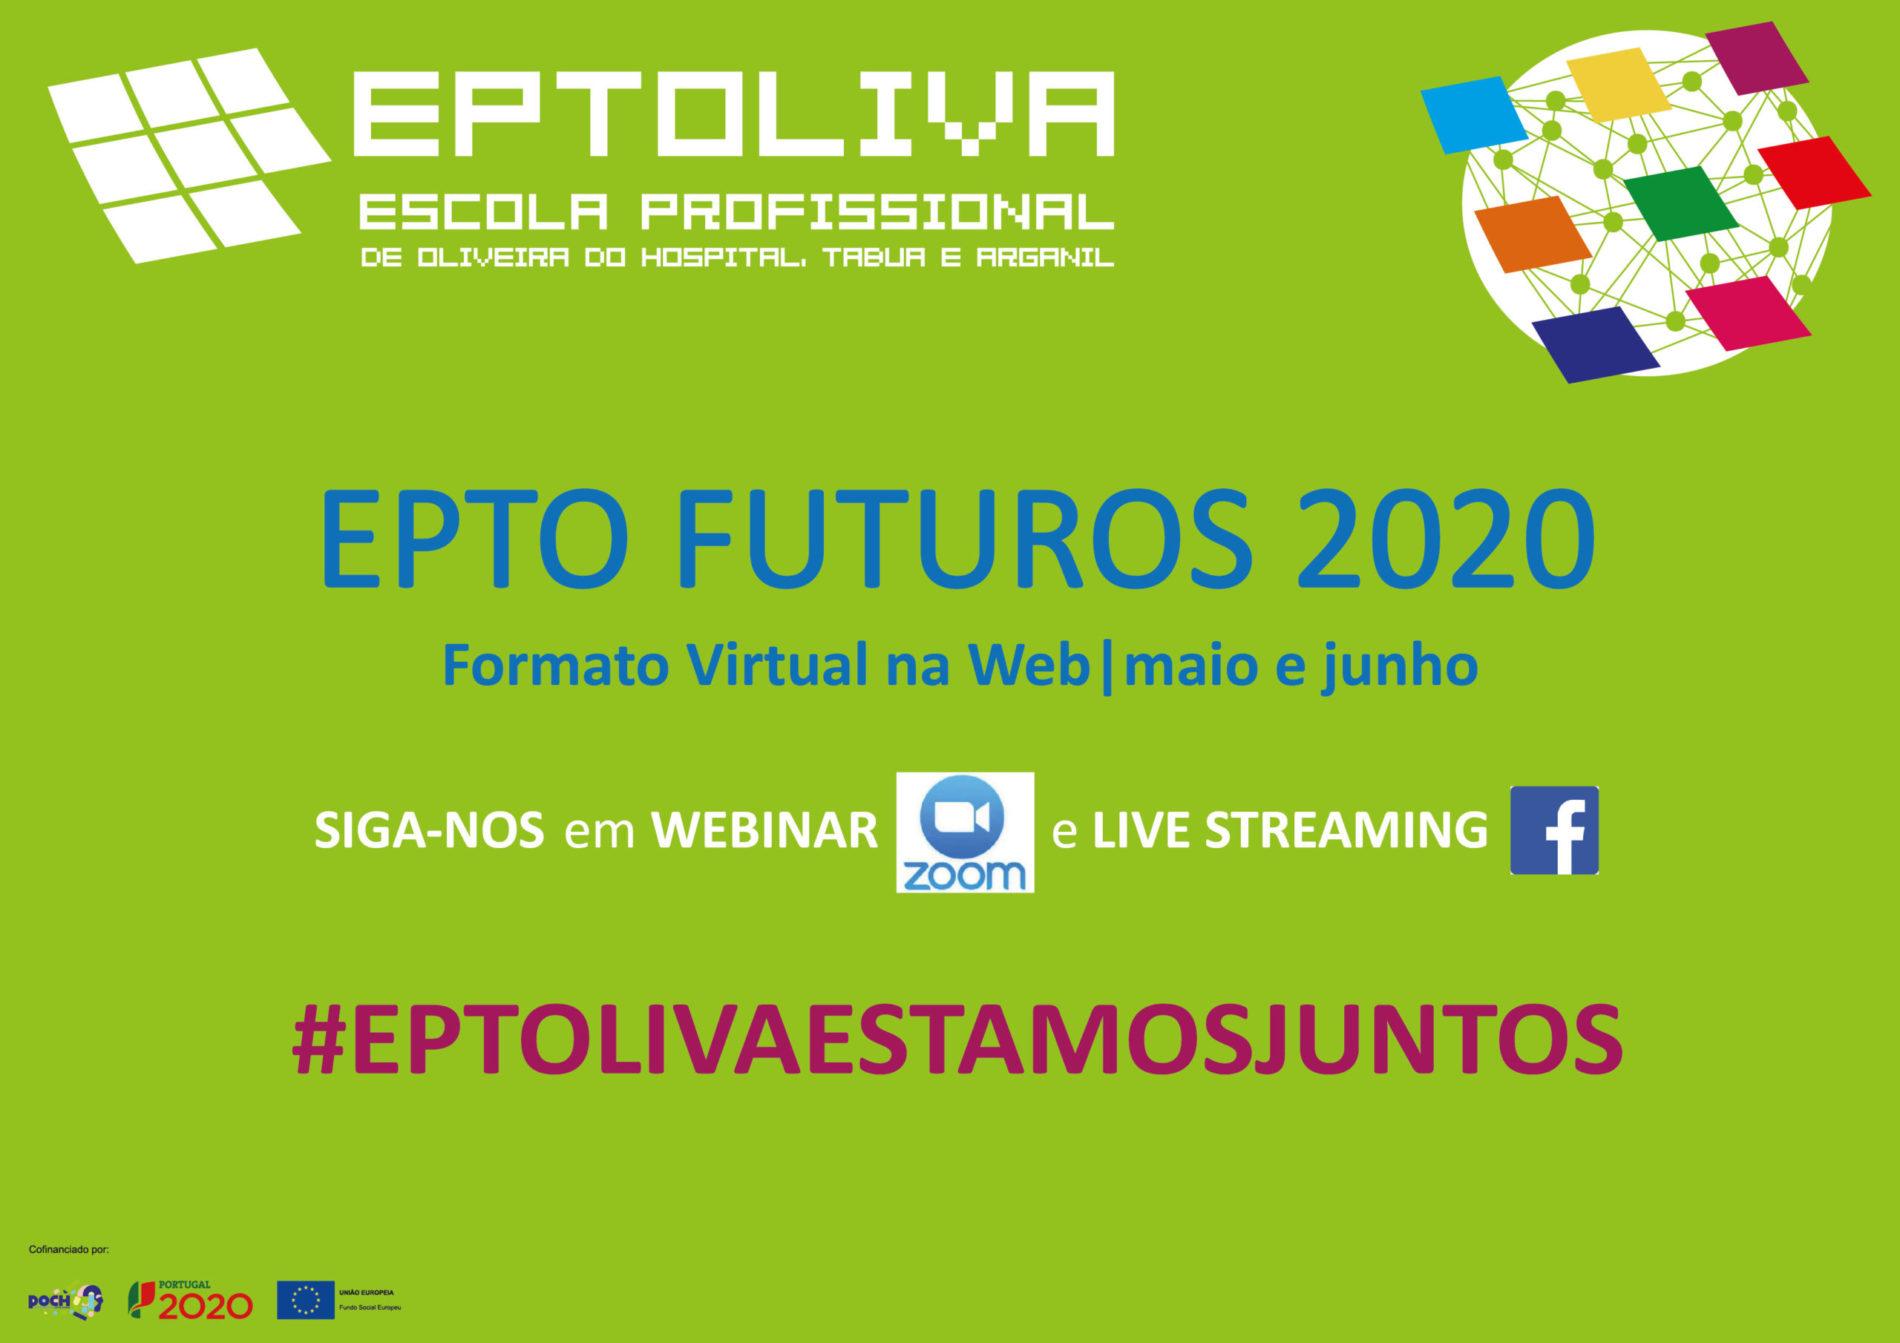 Eptoliva regressa com Epto Futuros virtuais de livre acesso para todos